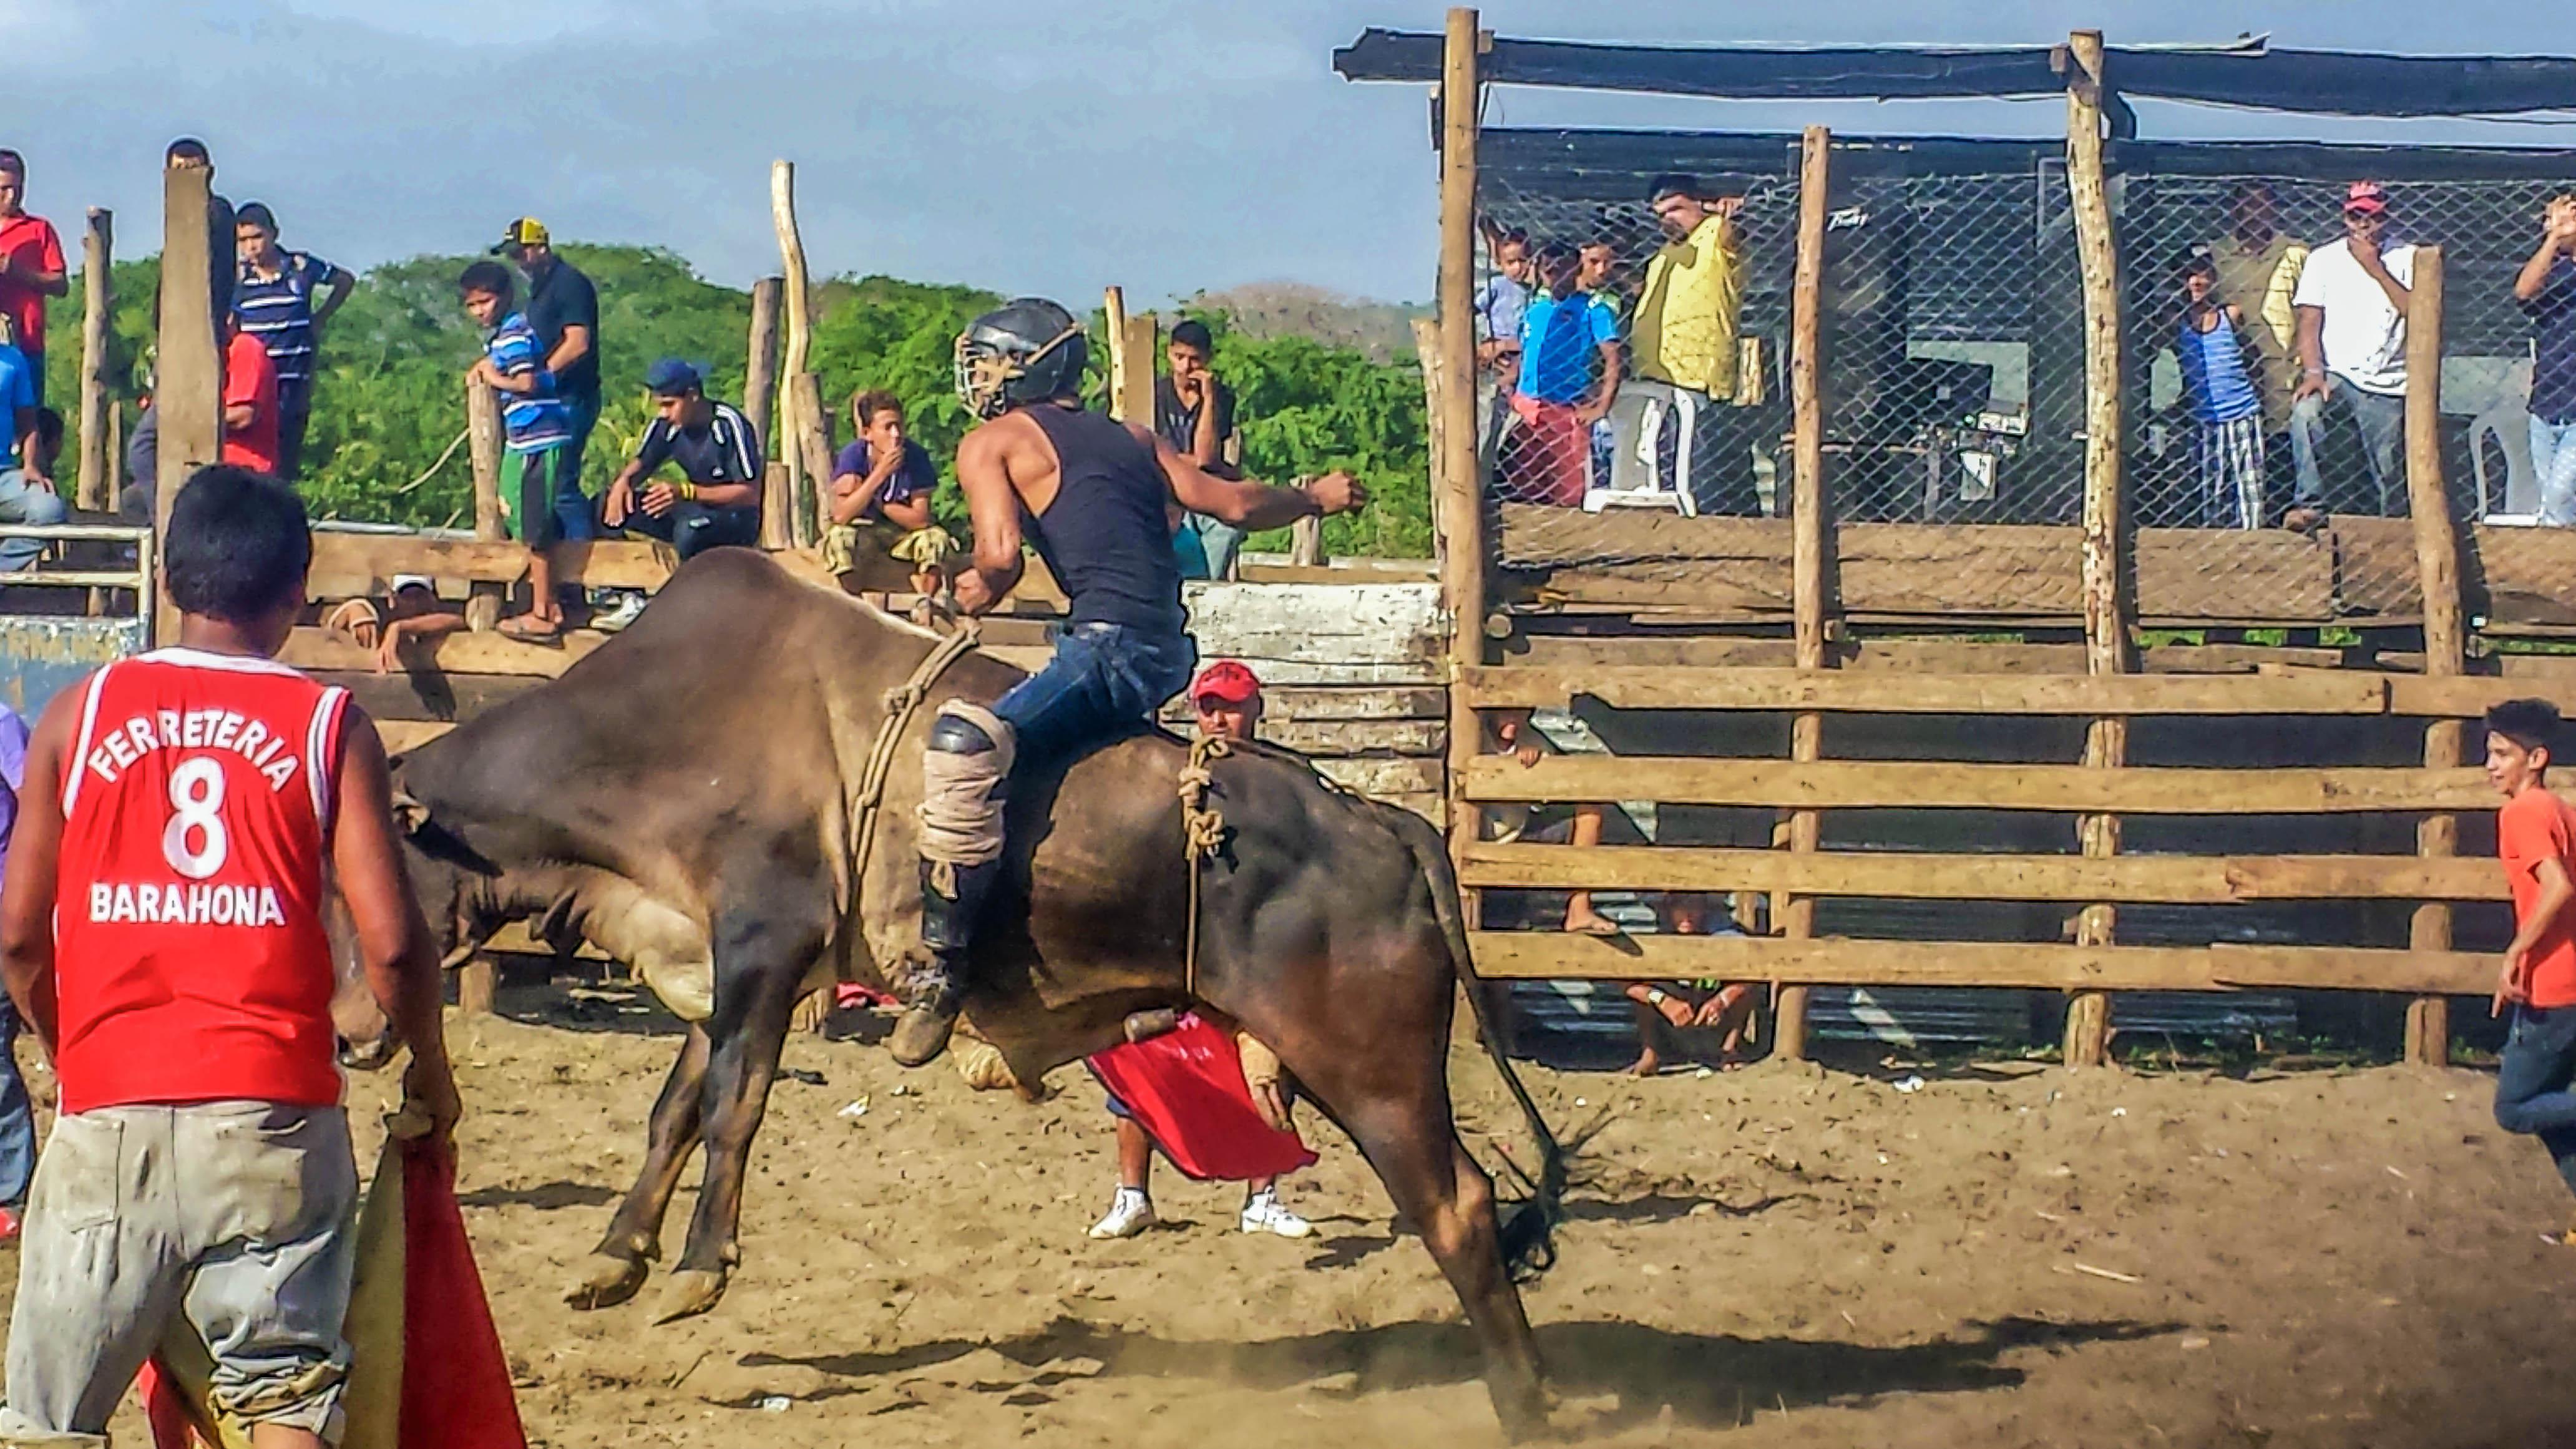 SAN JUAN DEL SUR, NICARAGUA AND THE NAKED TIGER HOSTEL